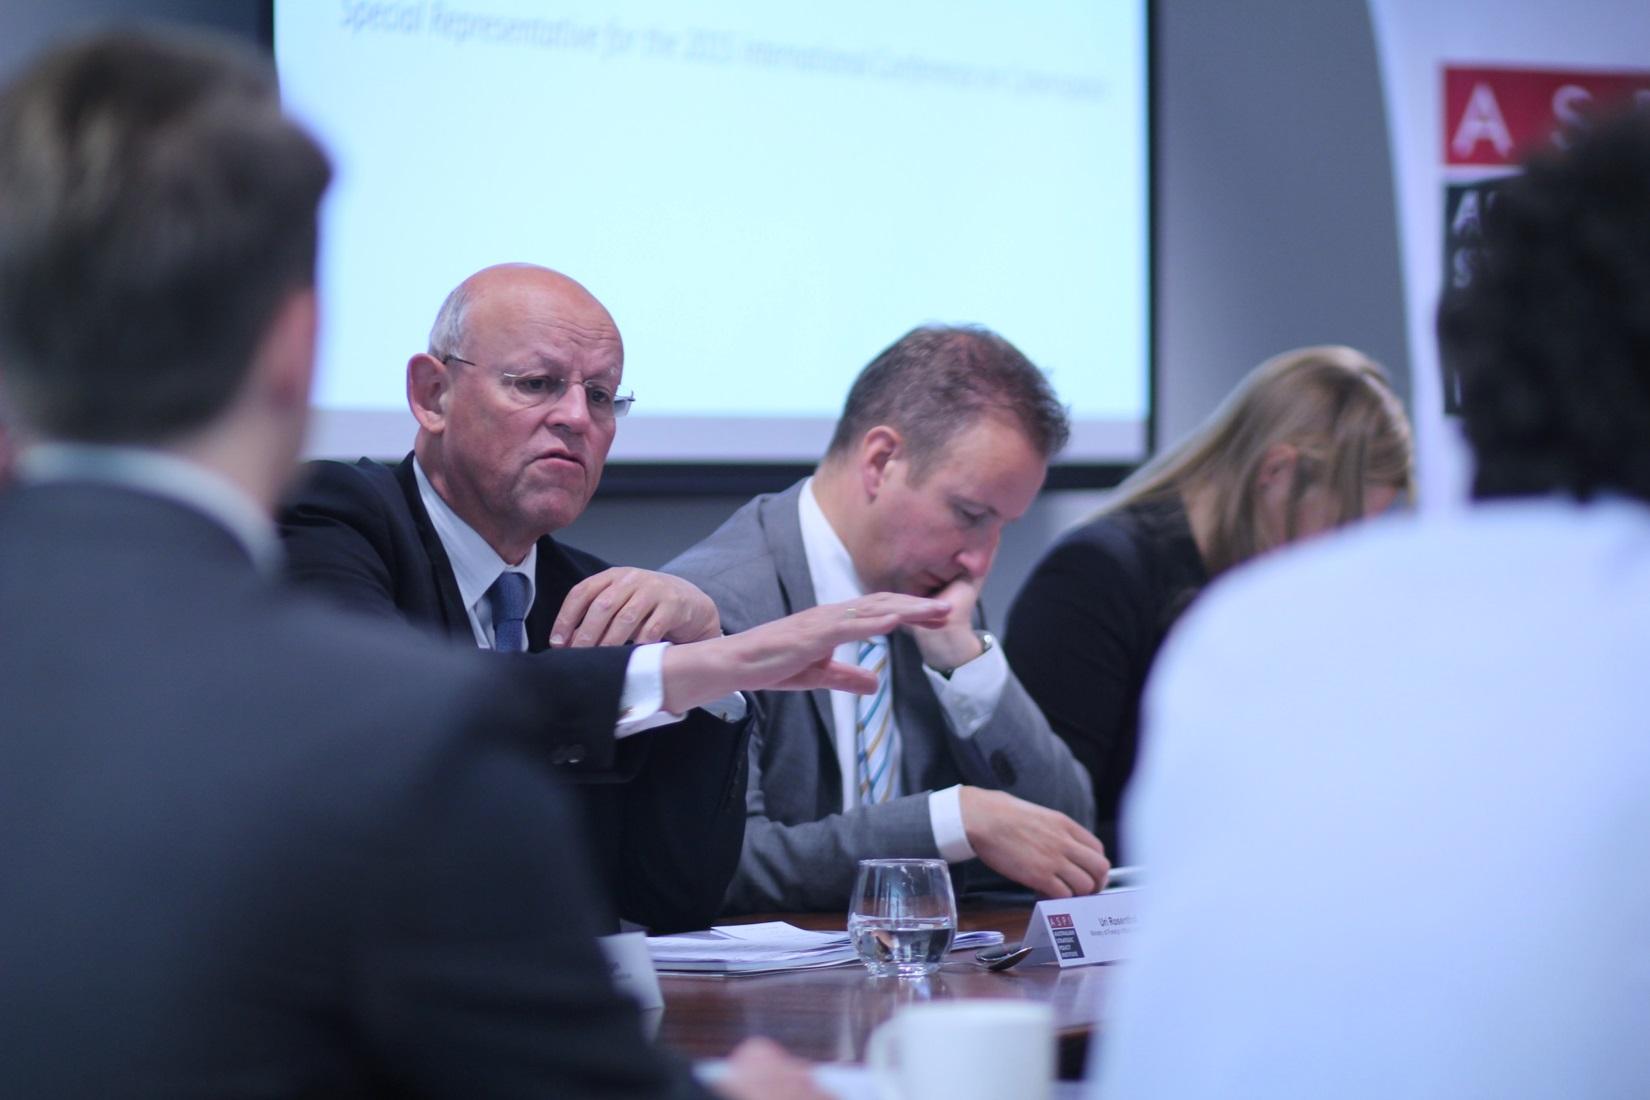 Uri Rosenthal, special envoy for the 2015 International Conference (image credit: Luke Wilson @ ASPI)